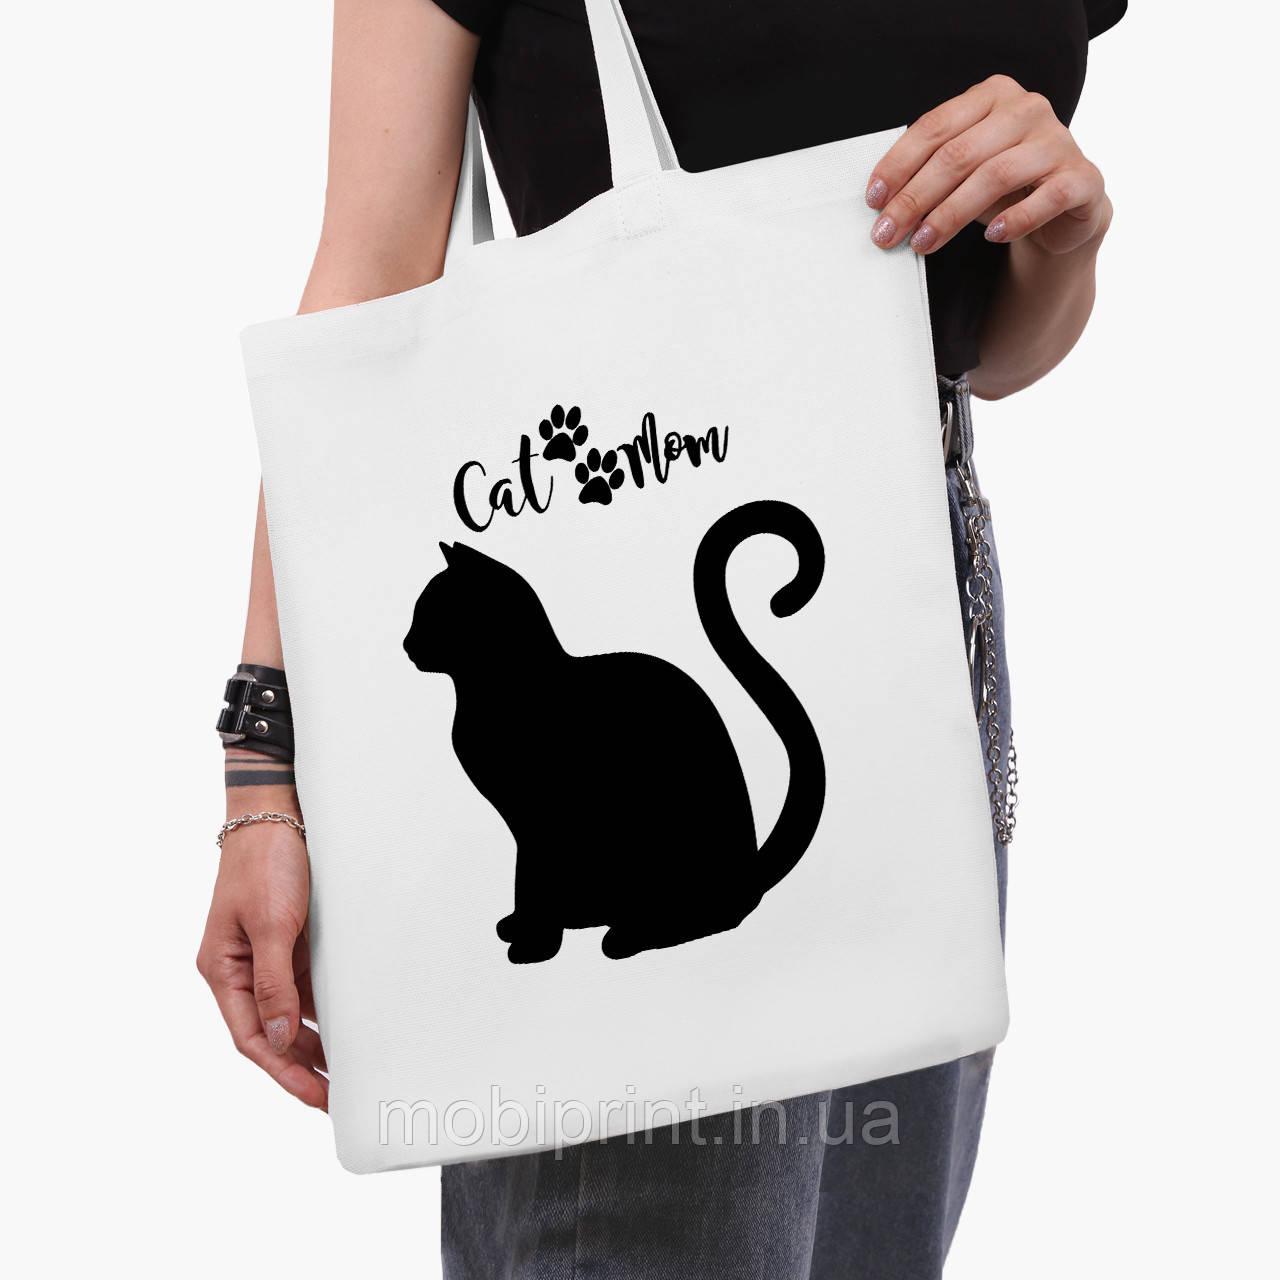 Эко сумка шоппер белая Cat Mom (9227-2840-3)  41*35 см